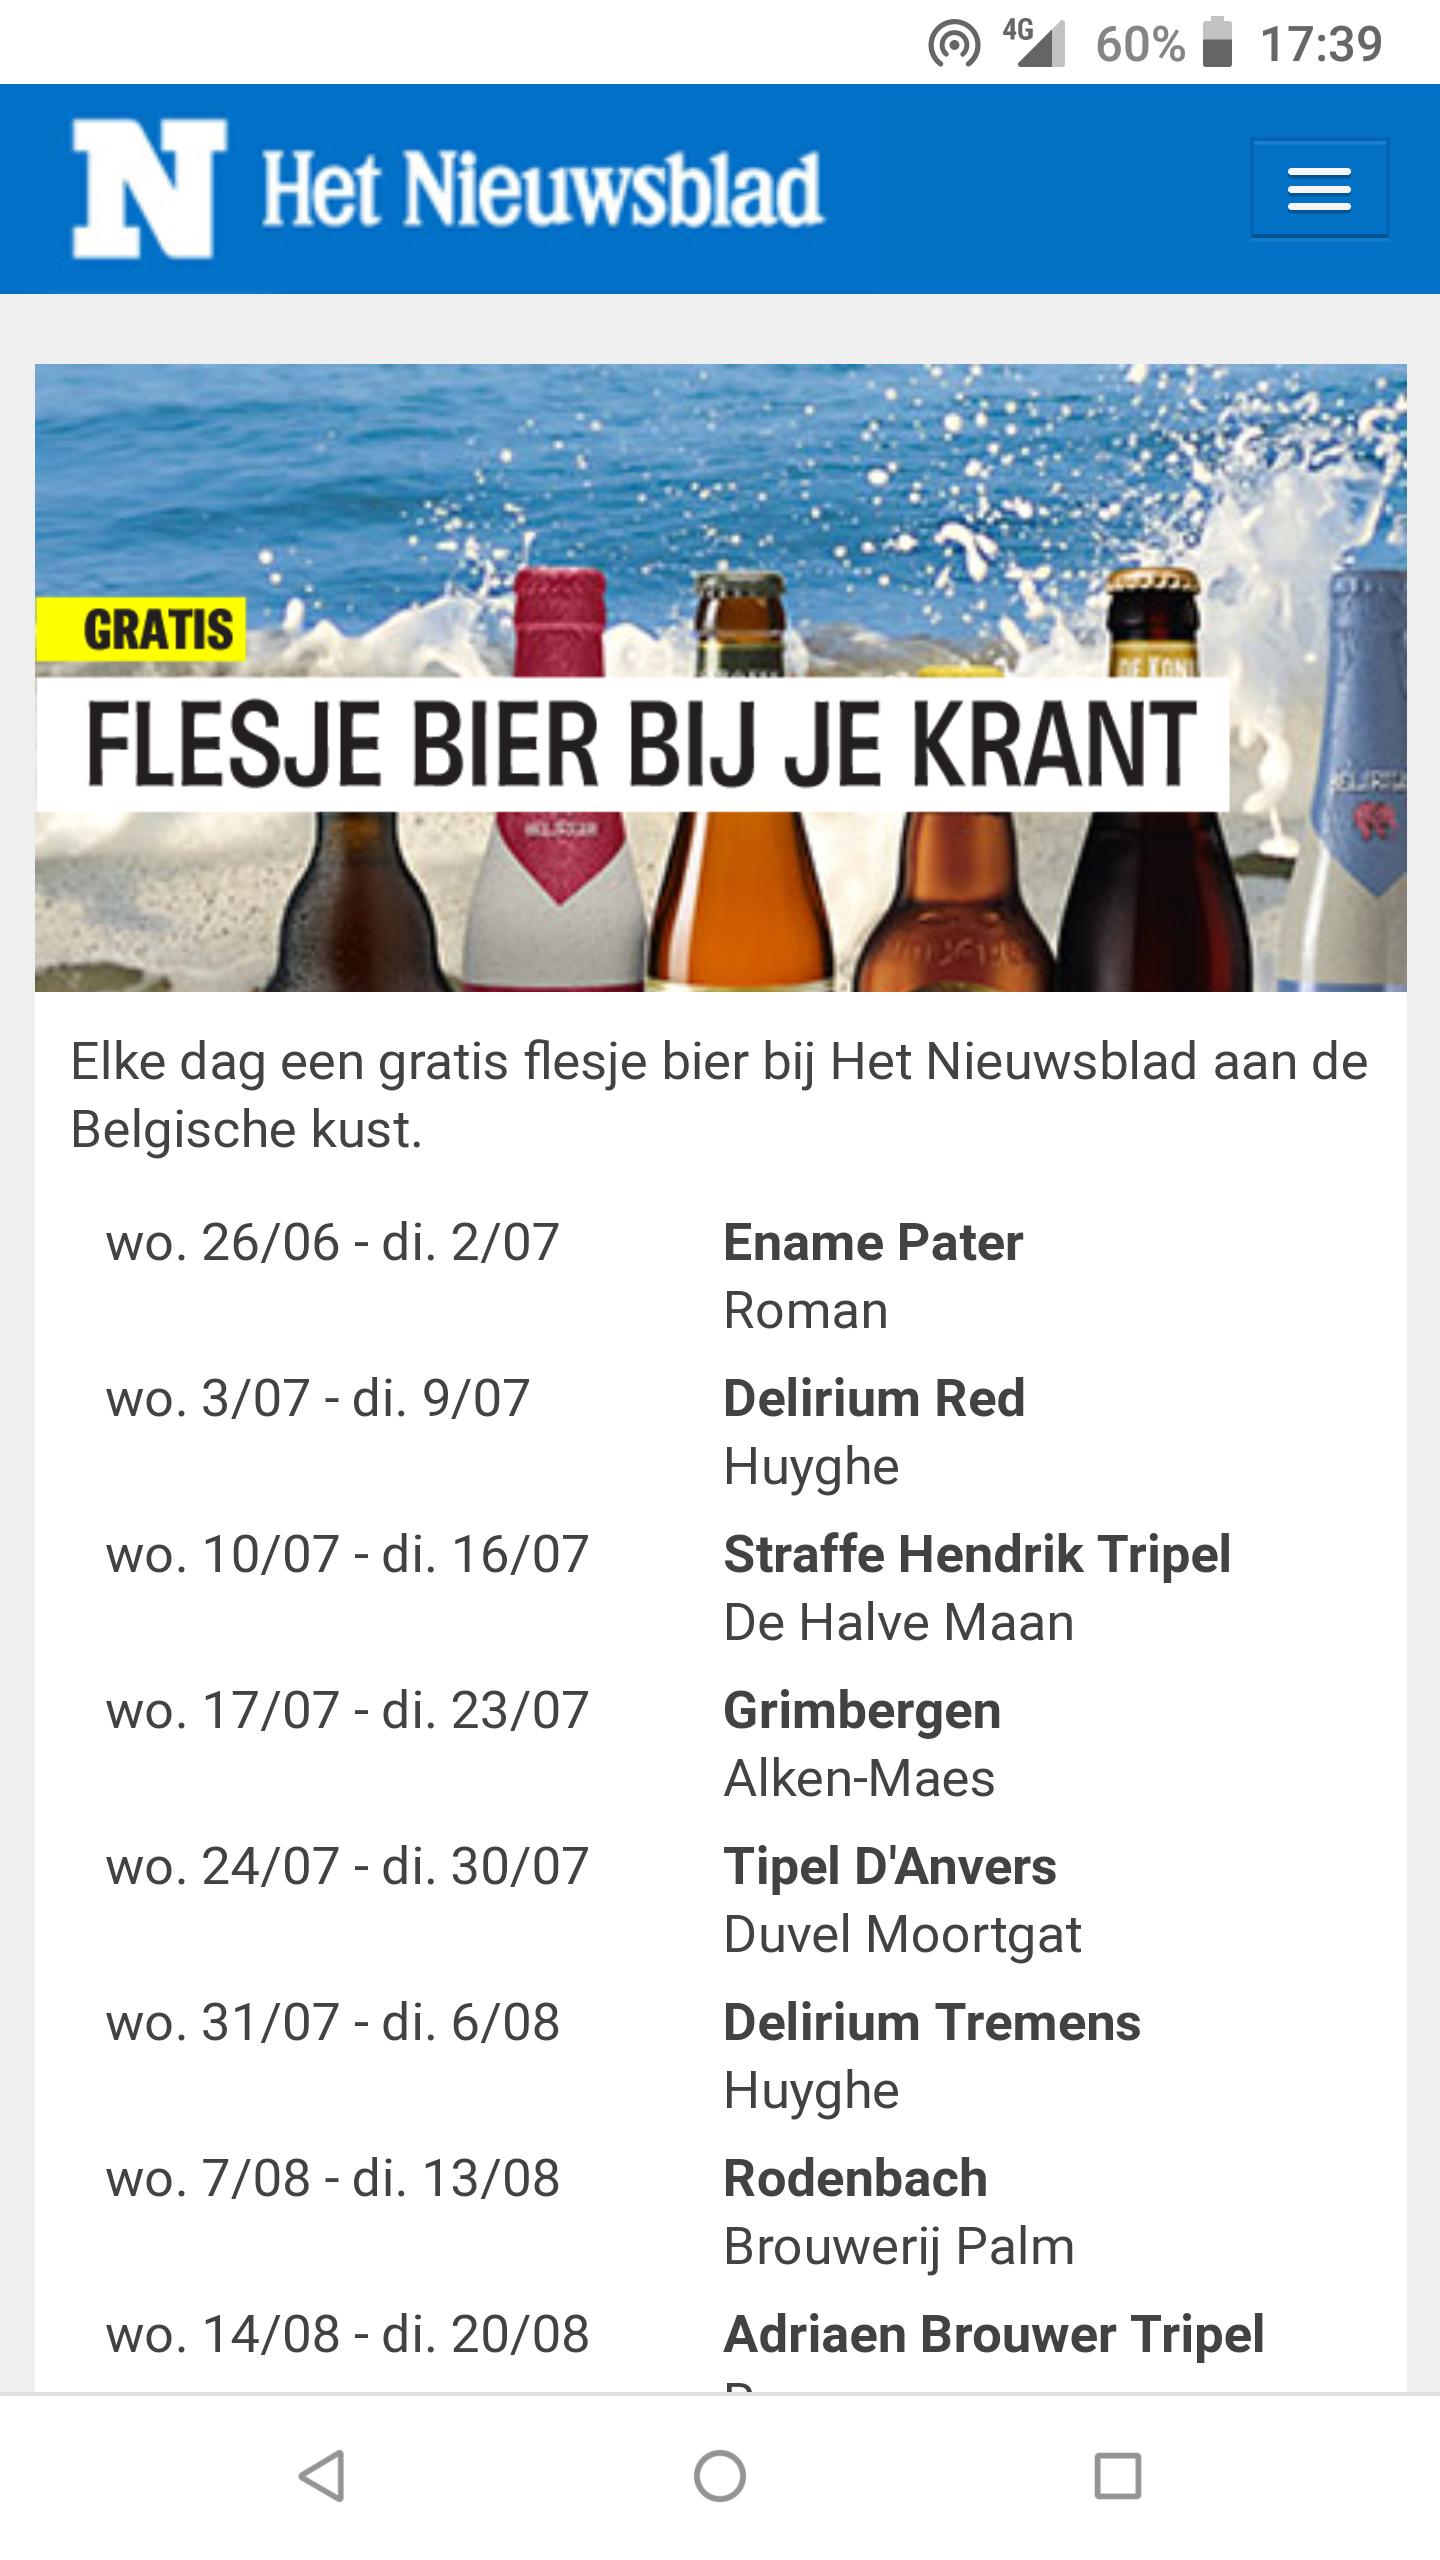 [GRENSDEAL BELGISCHE KUST] Gratis bier bij aankoop krant, elke dag!